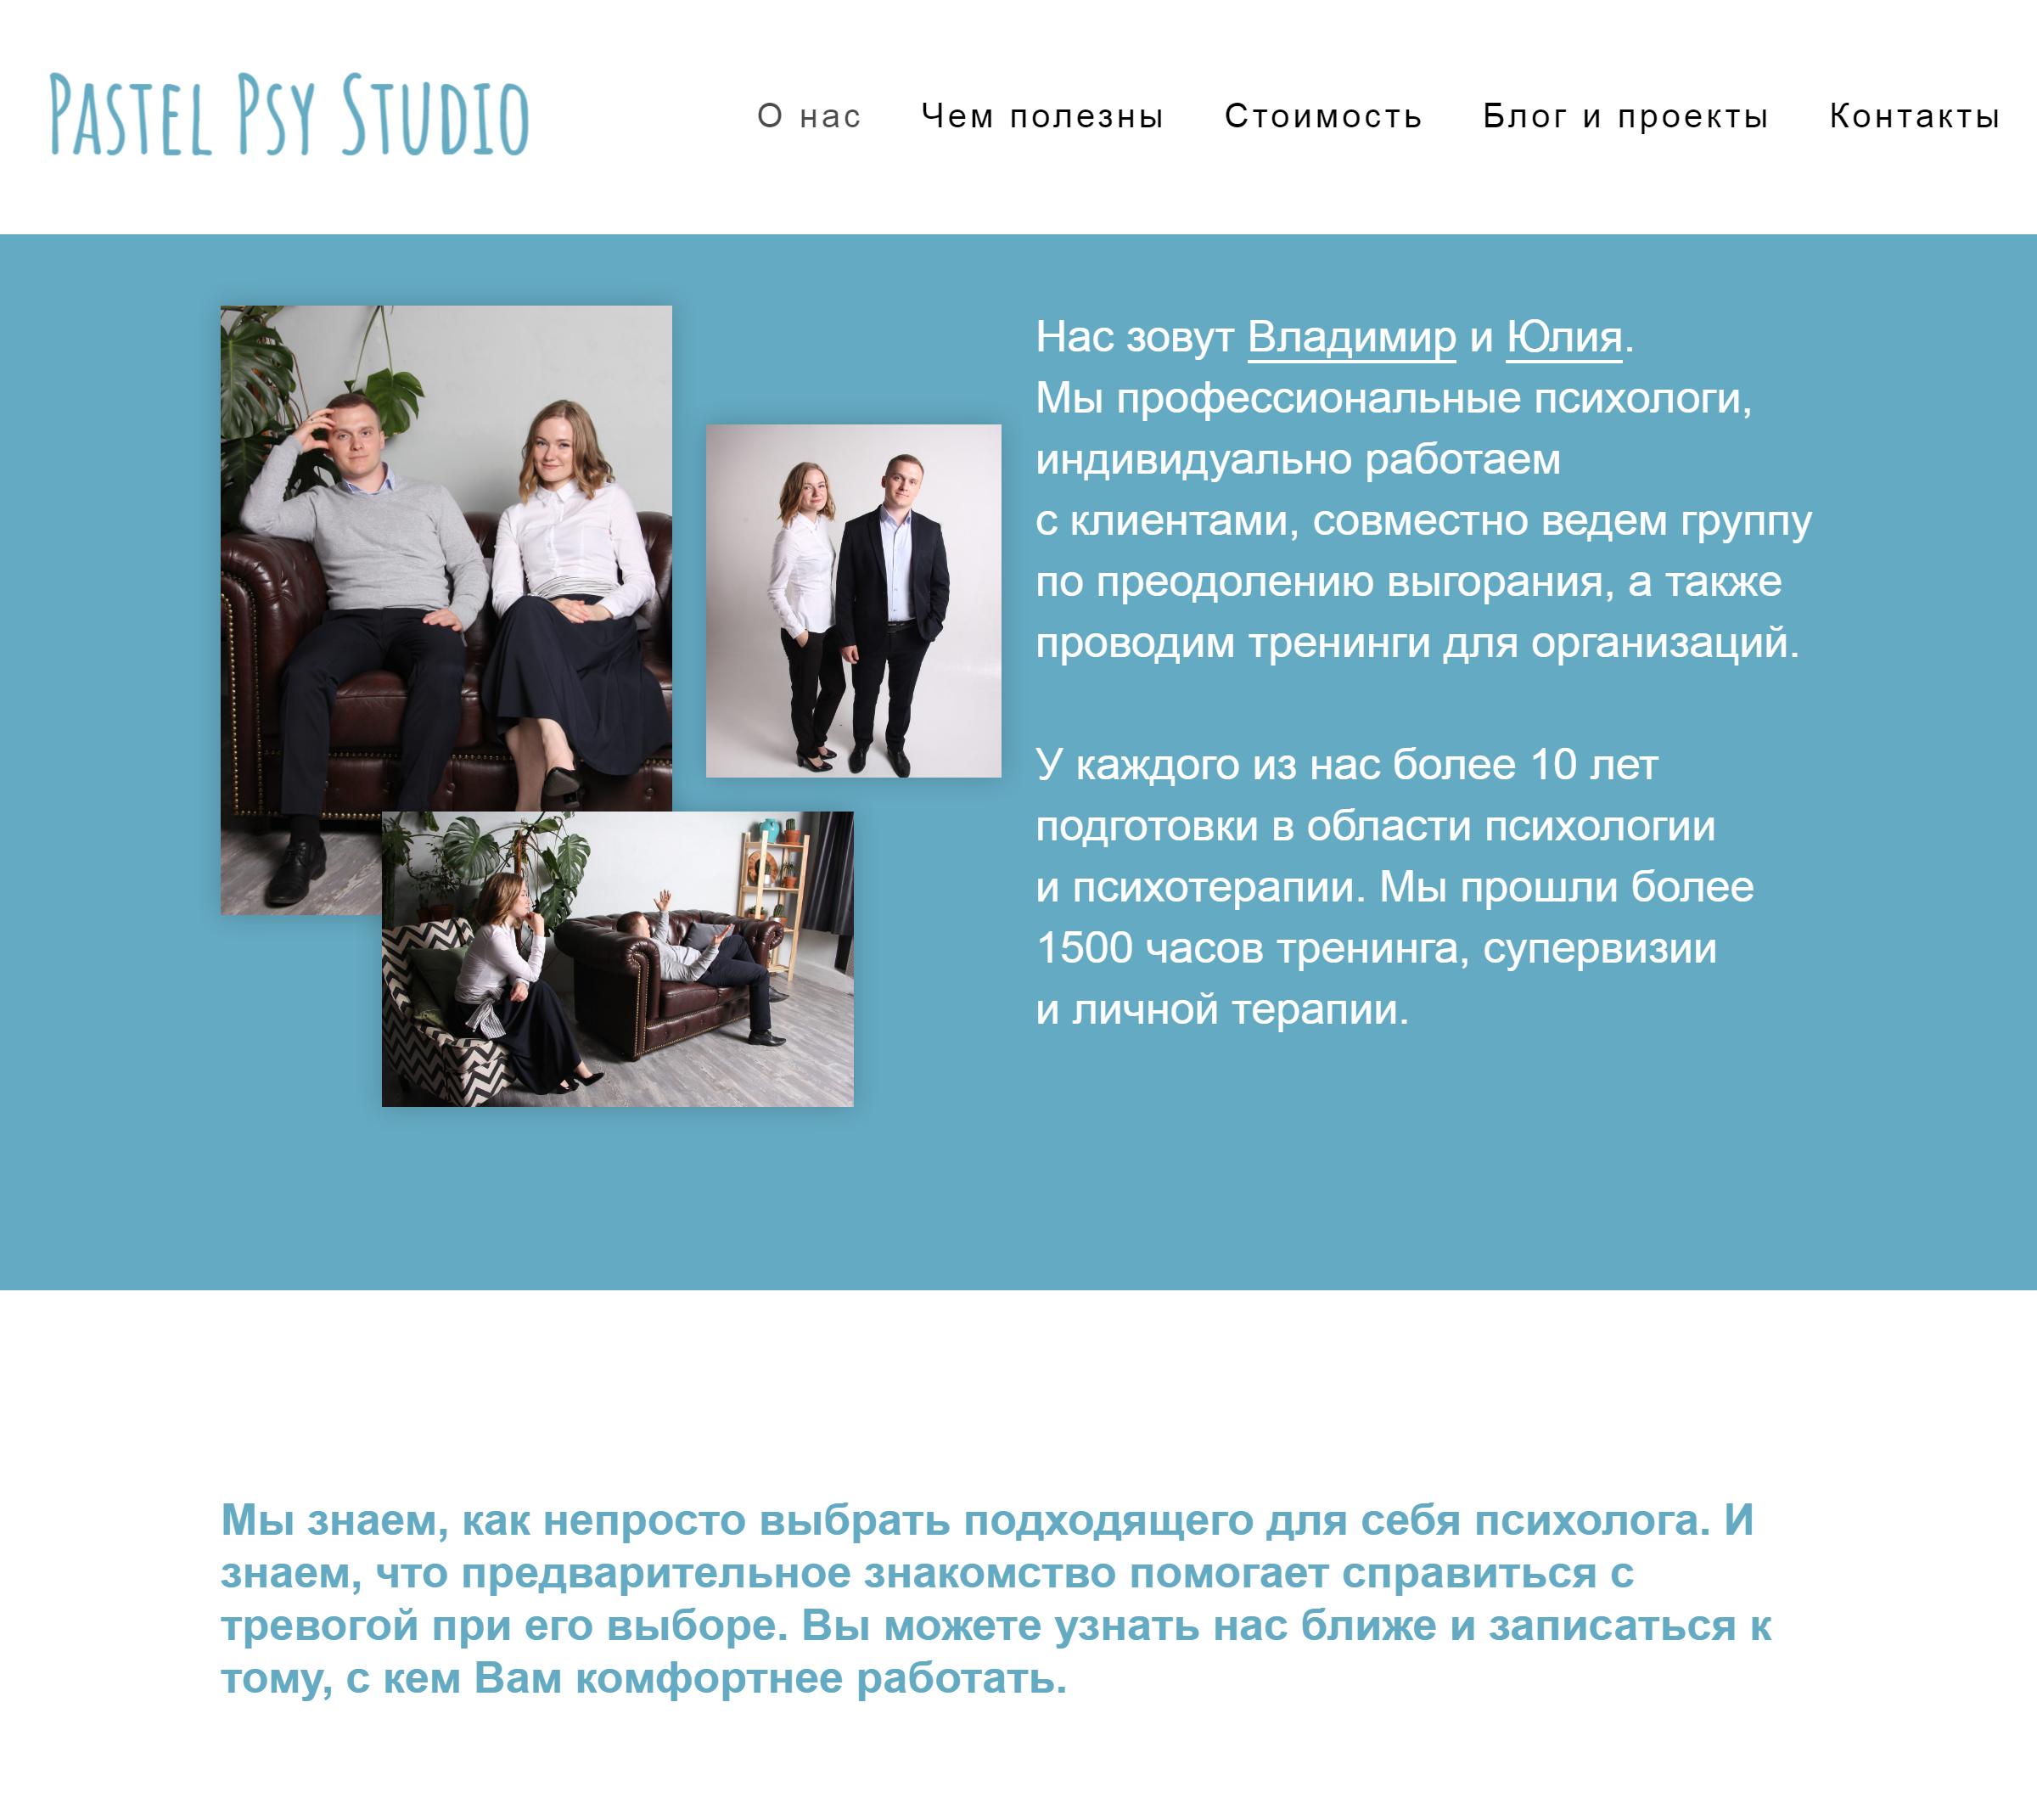 Этот сайт мы сами сделали в «Тильде» за 2 недели